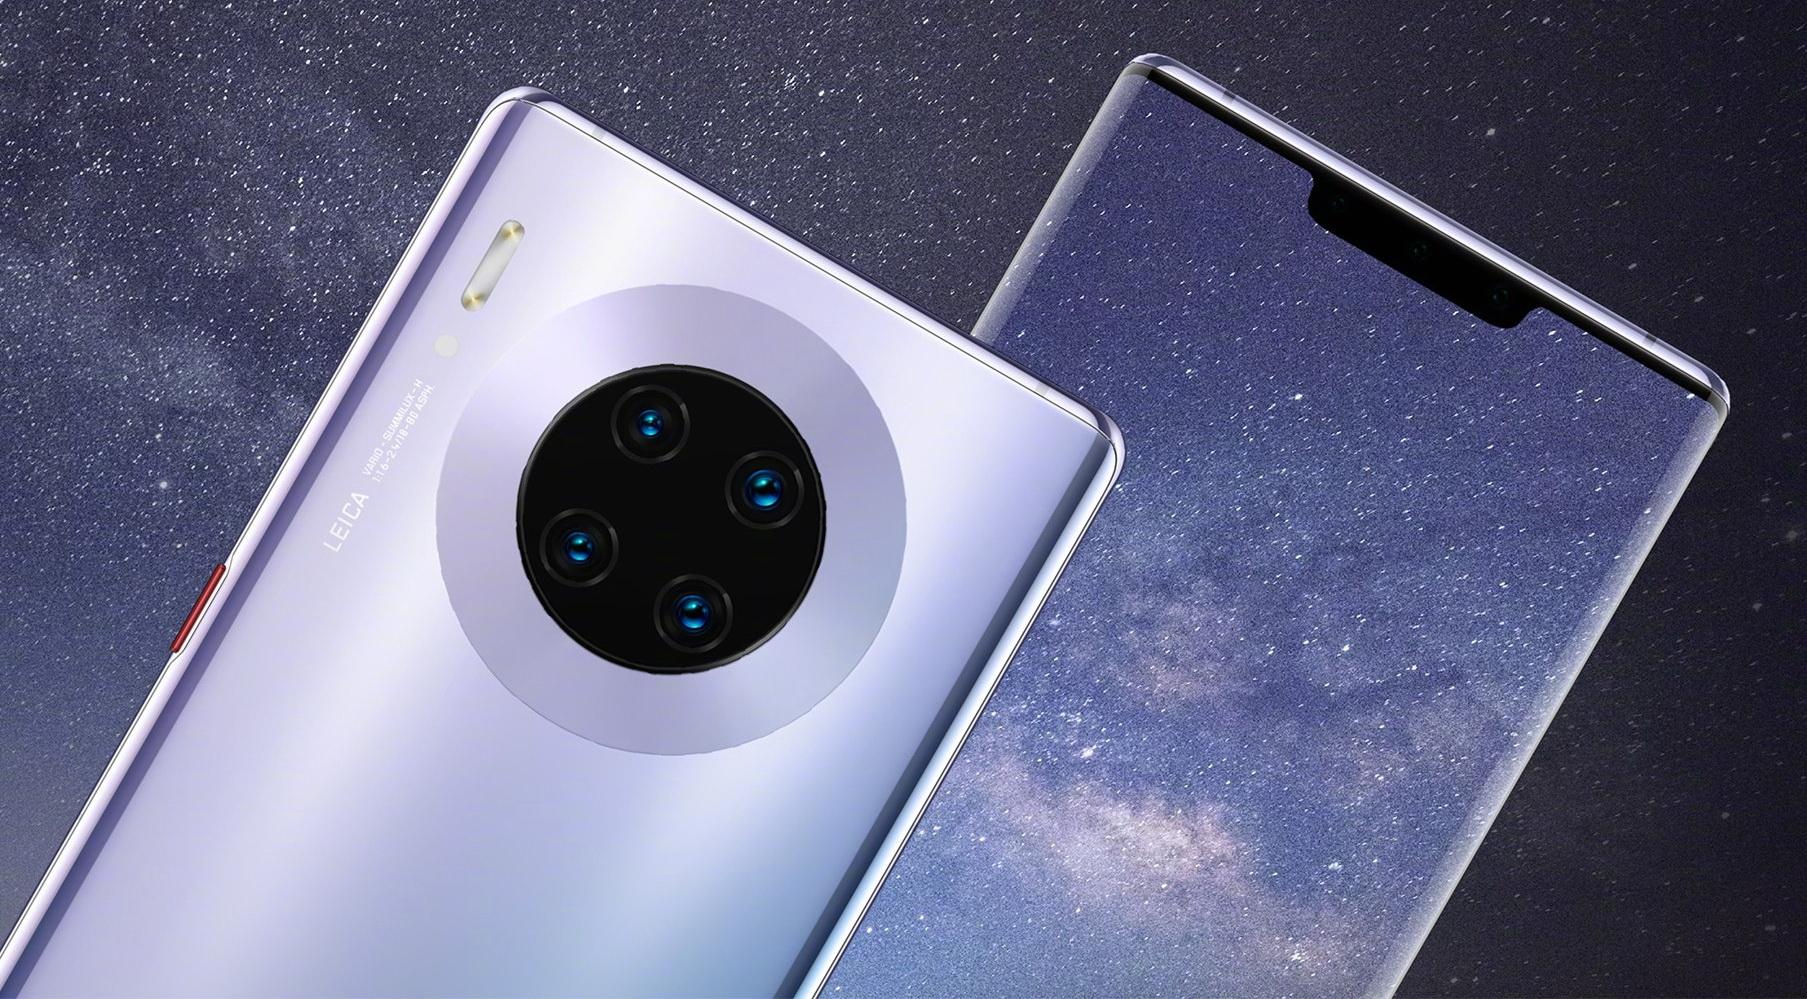 首发麒麟5nm芯 曝华为Mate 40砍单30%:一机难求?